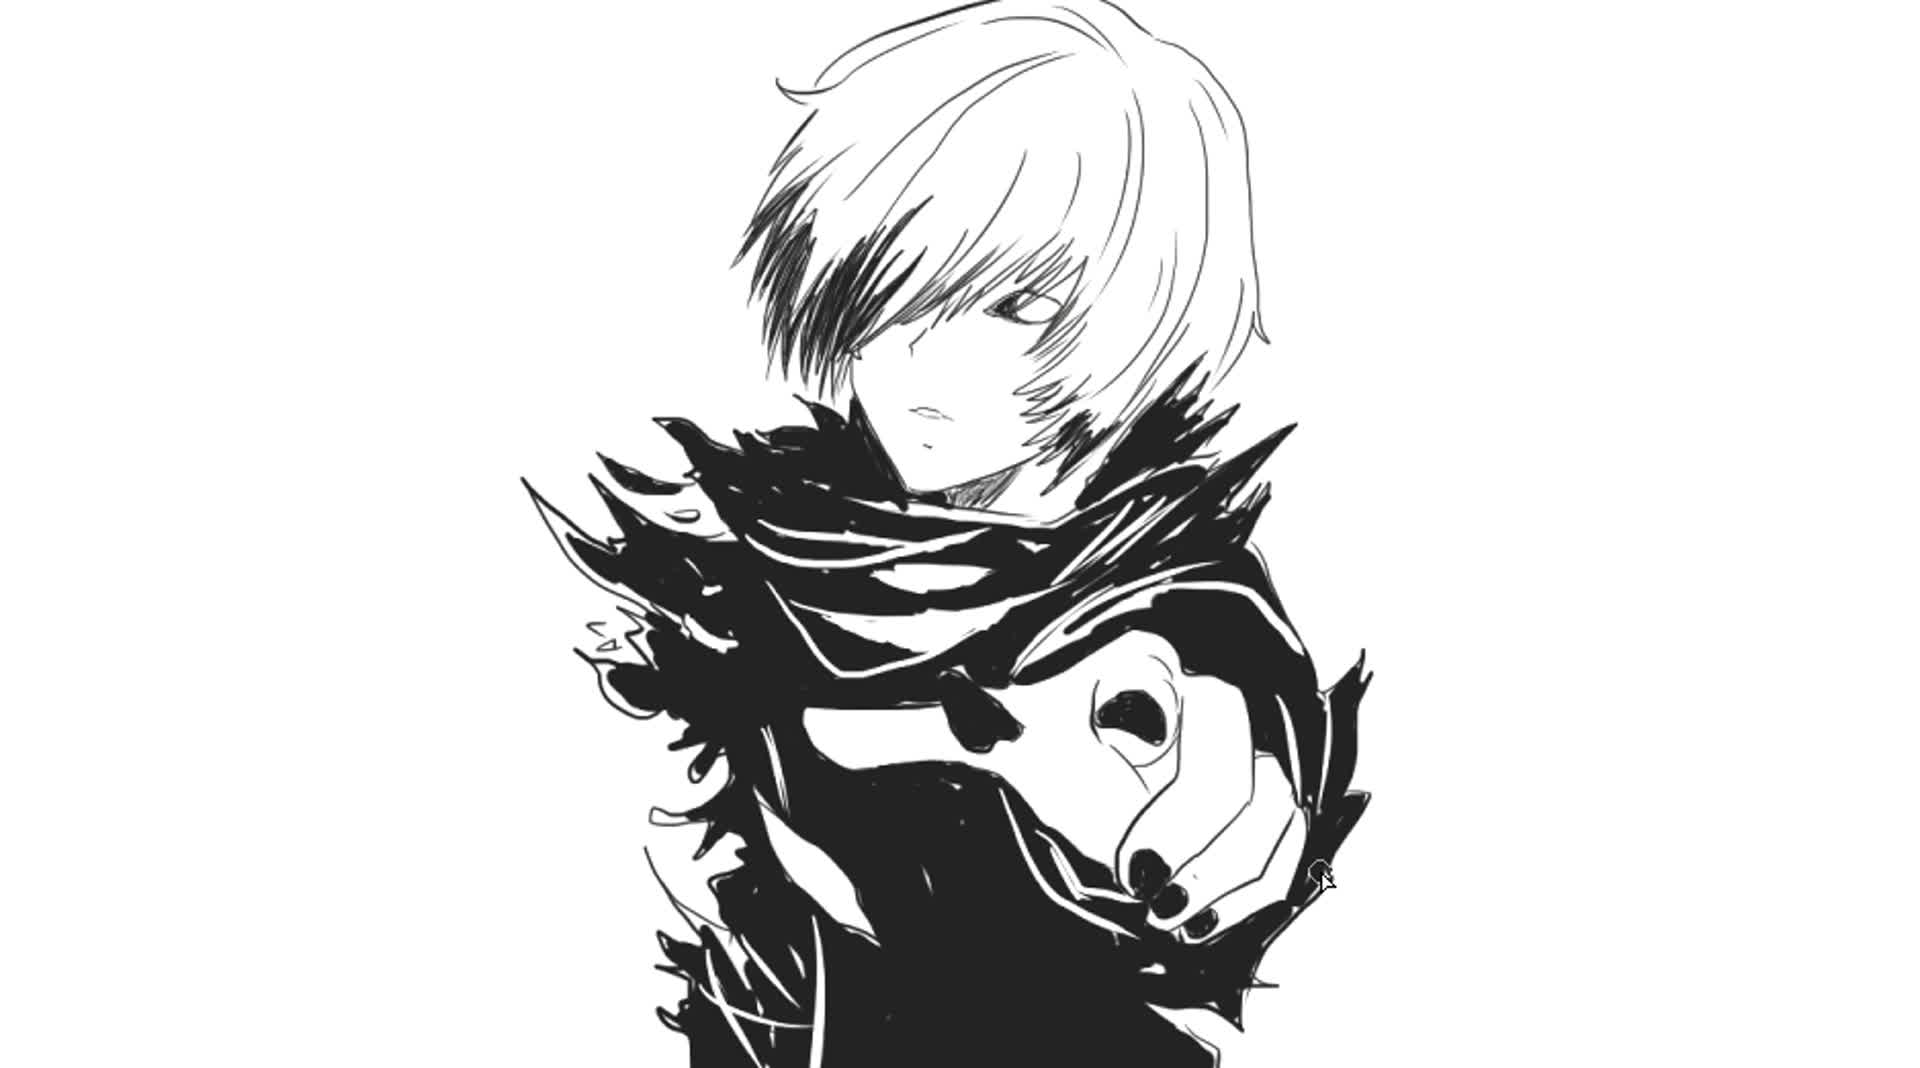 简笔画]绘画日本动画片《东京食尸鬼》中的主角金木